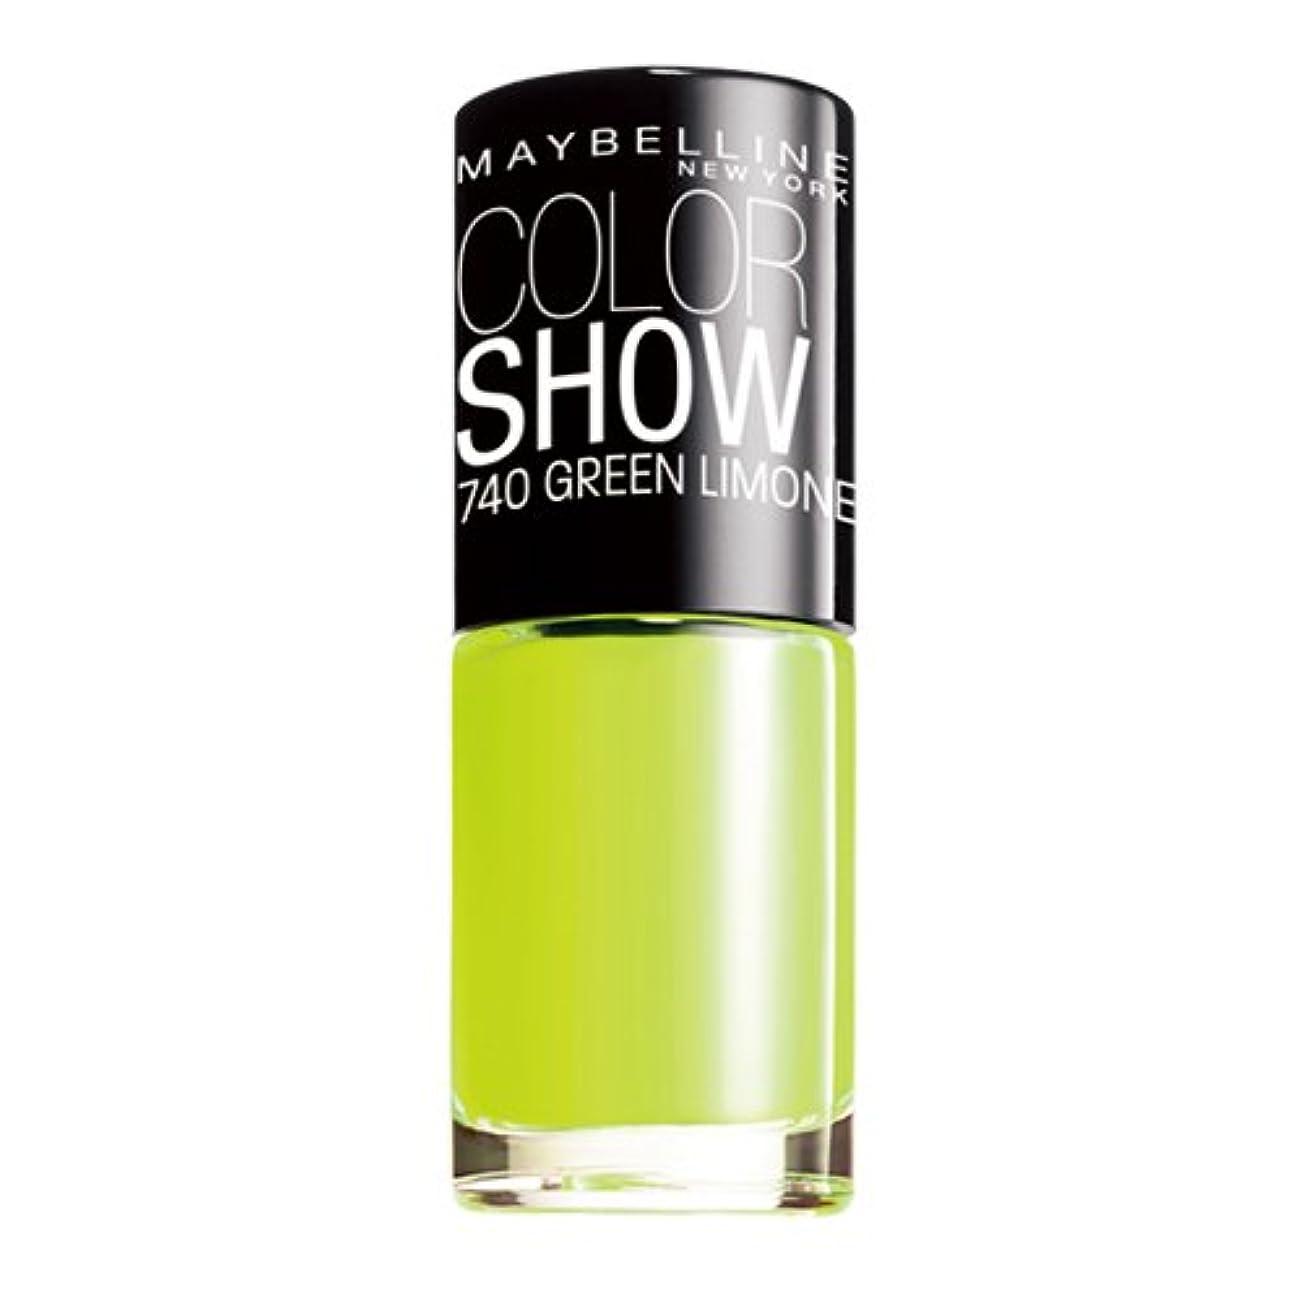 ブレンド予想する辛なメイベリン カラー ショー ネイル B 740 グリーン リモーネ